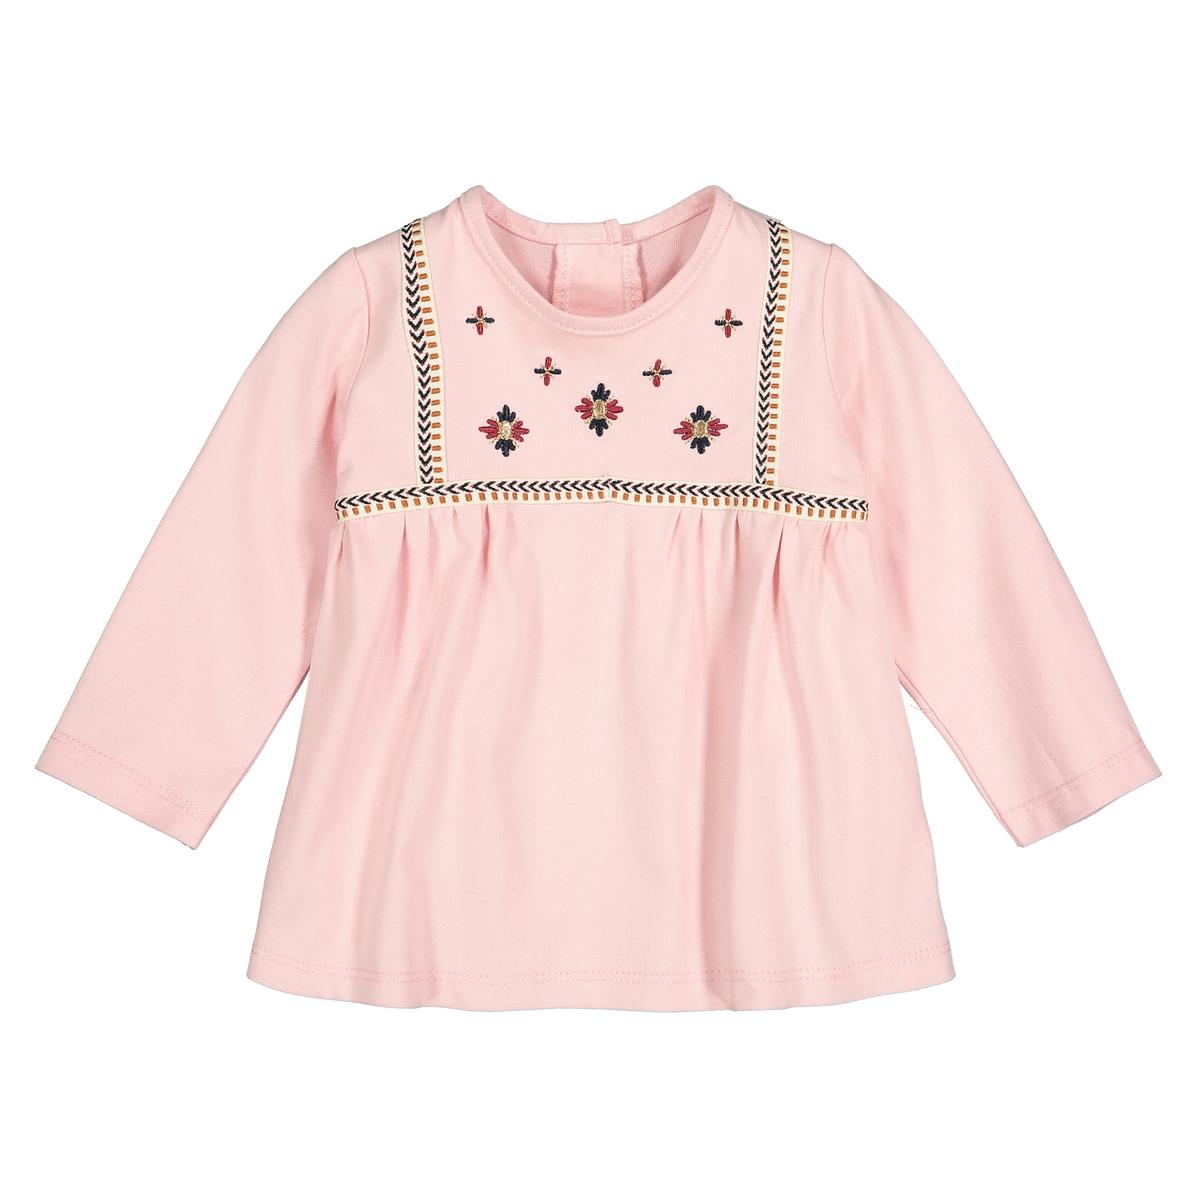 Футболка La Redoute С длинными рукавами с вышивкой мес- года 1 мес. - 54 см розовый блузка la redoute с вышивкой гладью мес года 6 мес 67 см другие